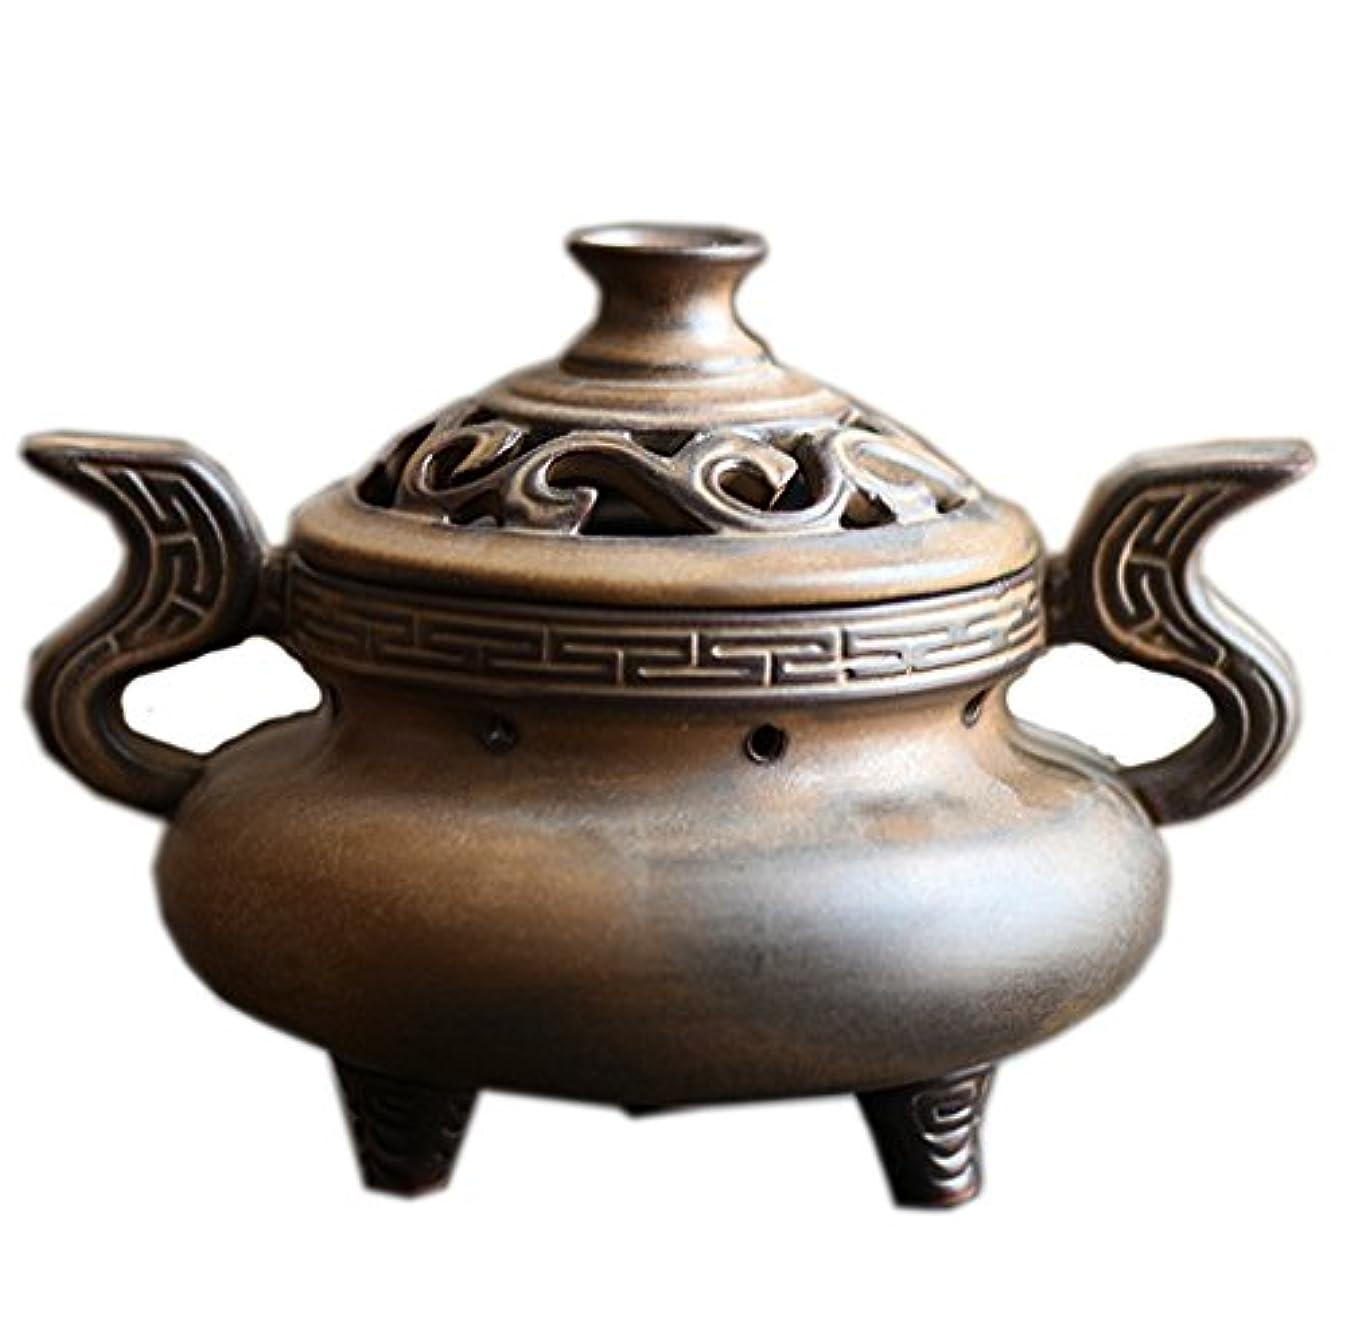 リベラル囲まれたラジカル(ラシューバー) Lasuiveur 陶磁器 香炉 香立て 渦巻き線香 線香立て お香立て